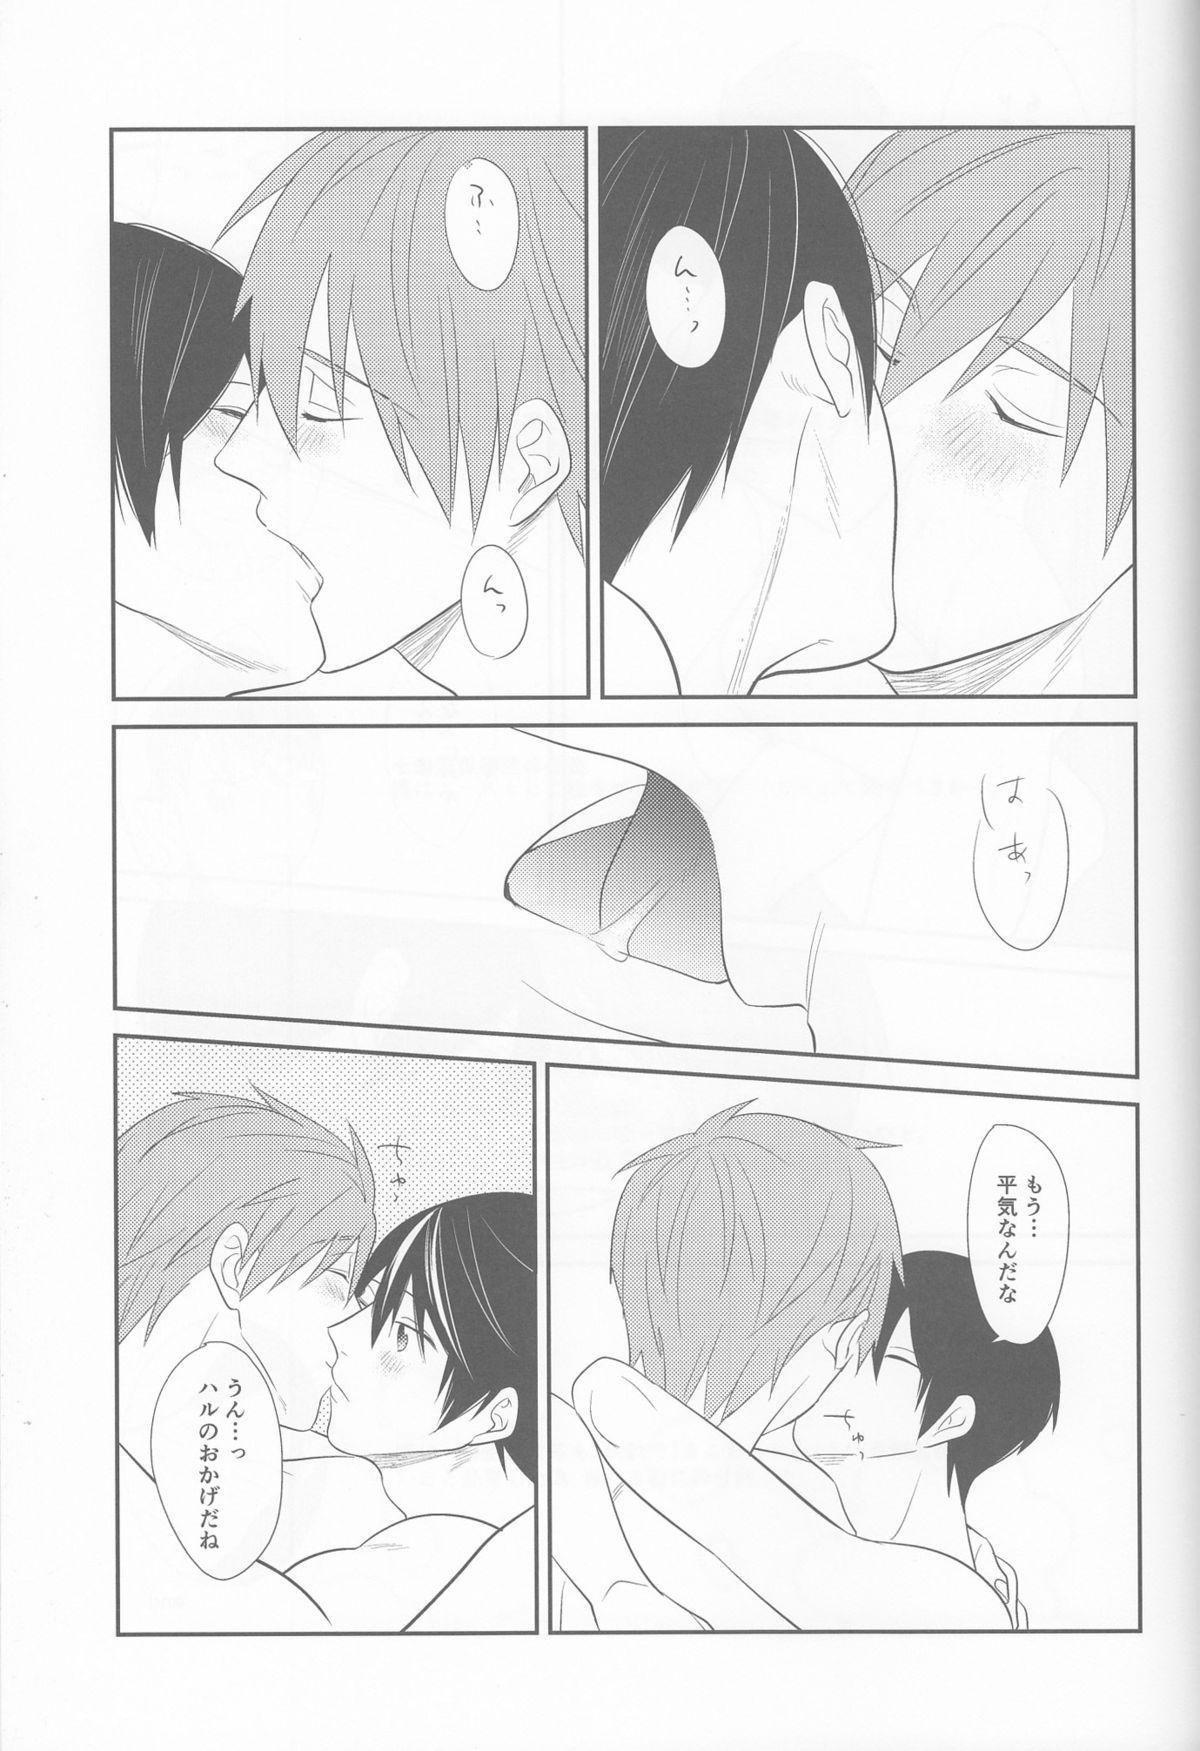 Aishiaouyo 23